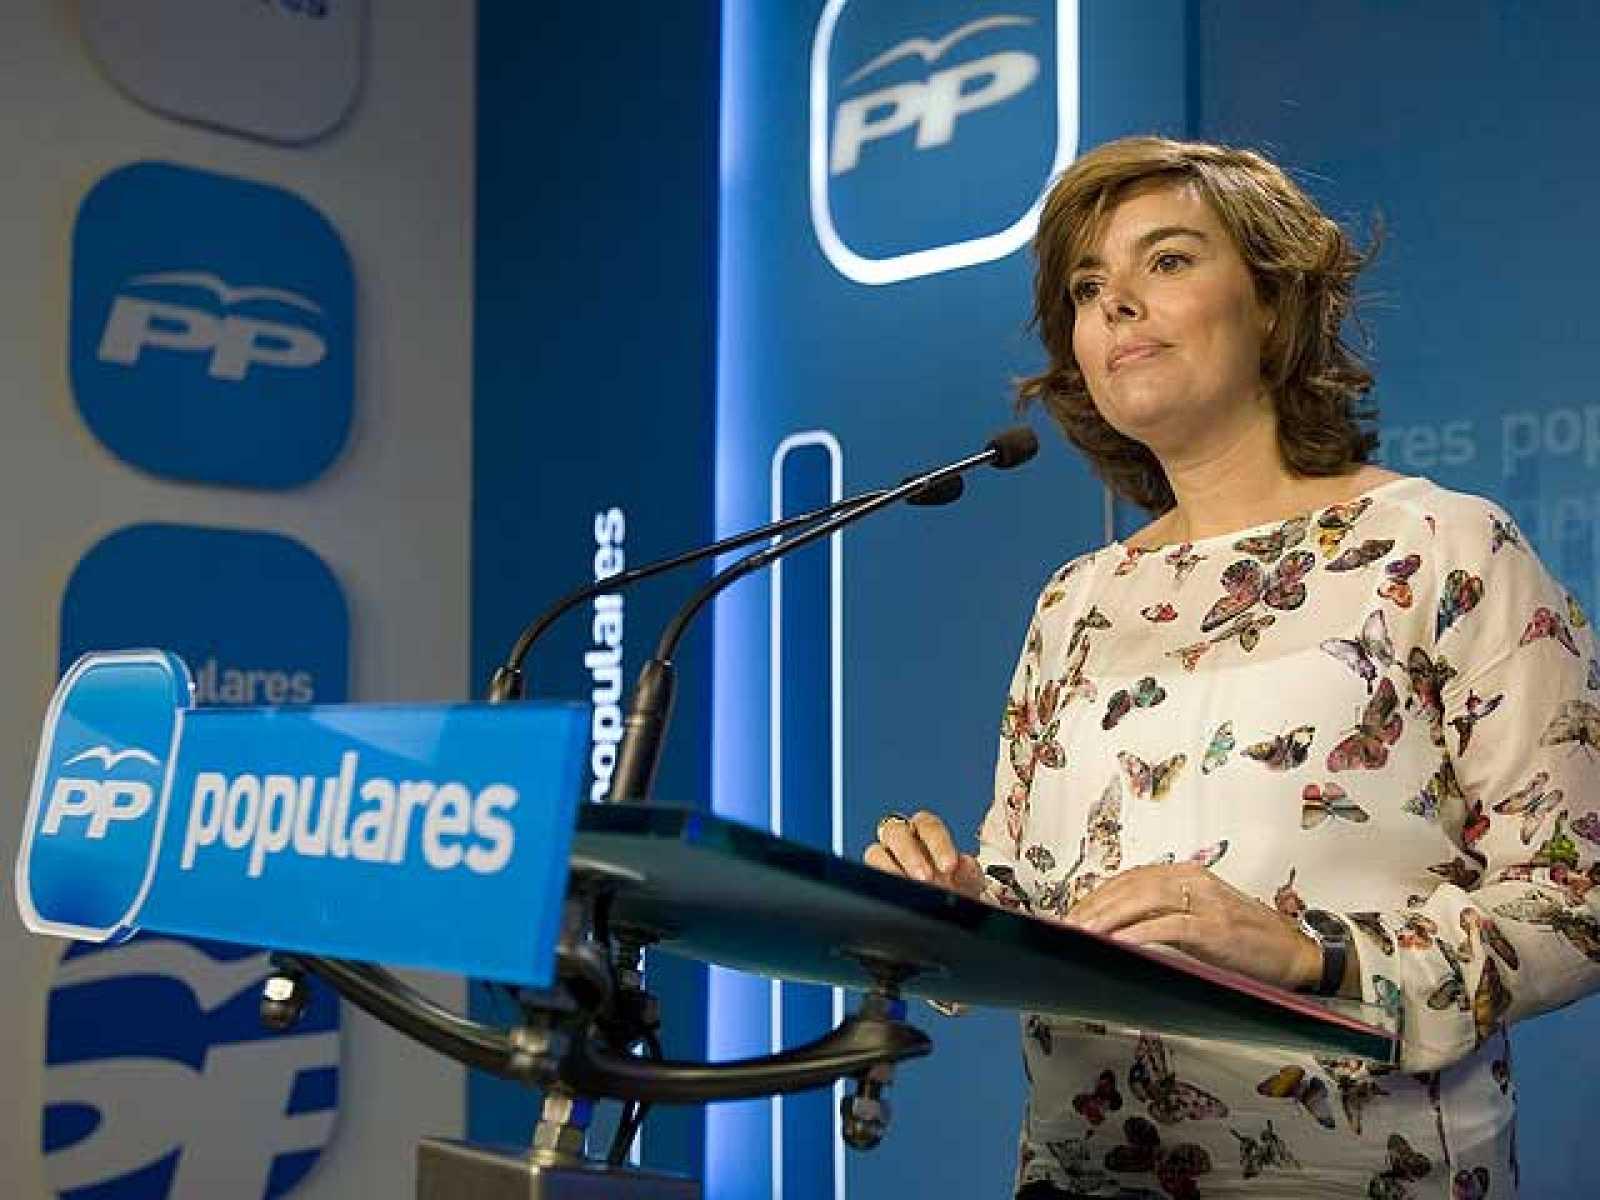 El PP se felicita del acuerdo y niega que haya negociado con Rubalcaba la reforma constitucional